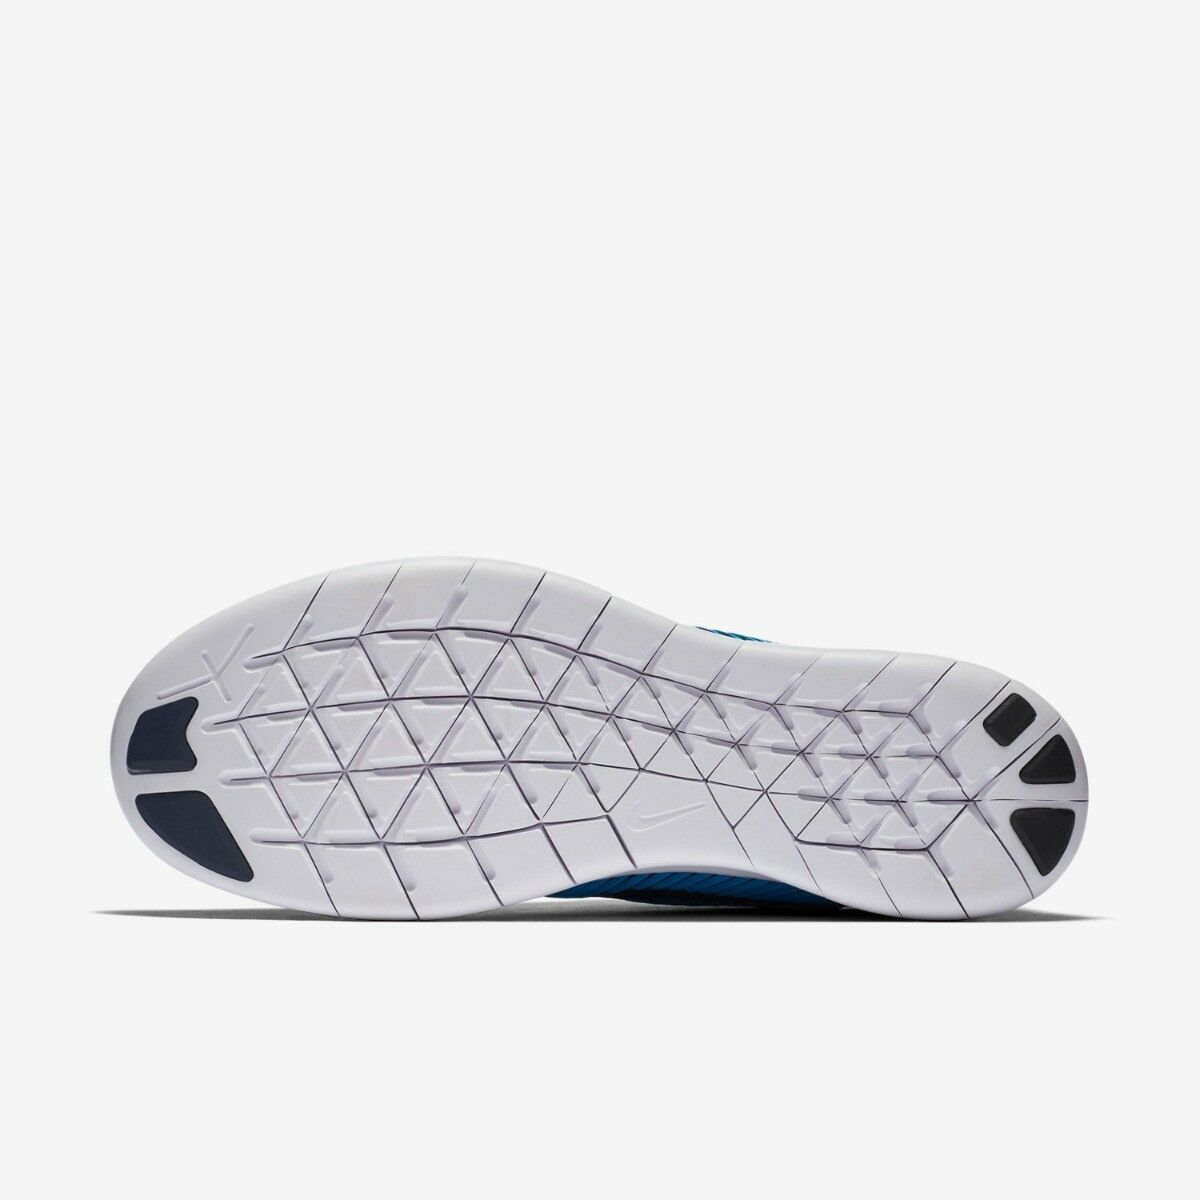 Damen Nike gratis Rennen Rennen Rennen cmtr Größe 3,5 4 Blaus Laufschuhe NEU 59cd60